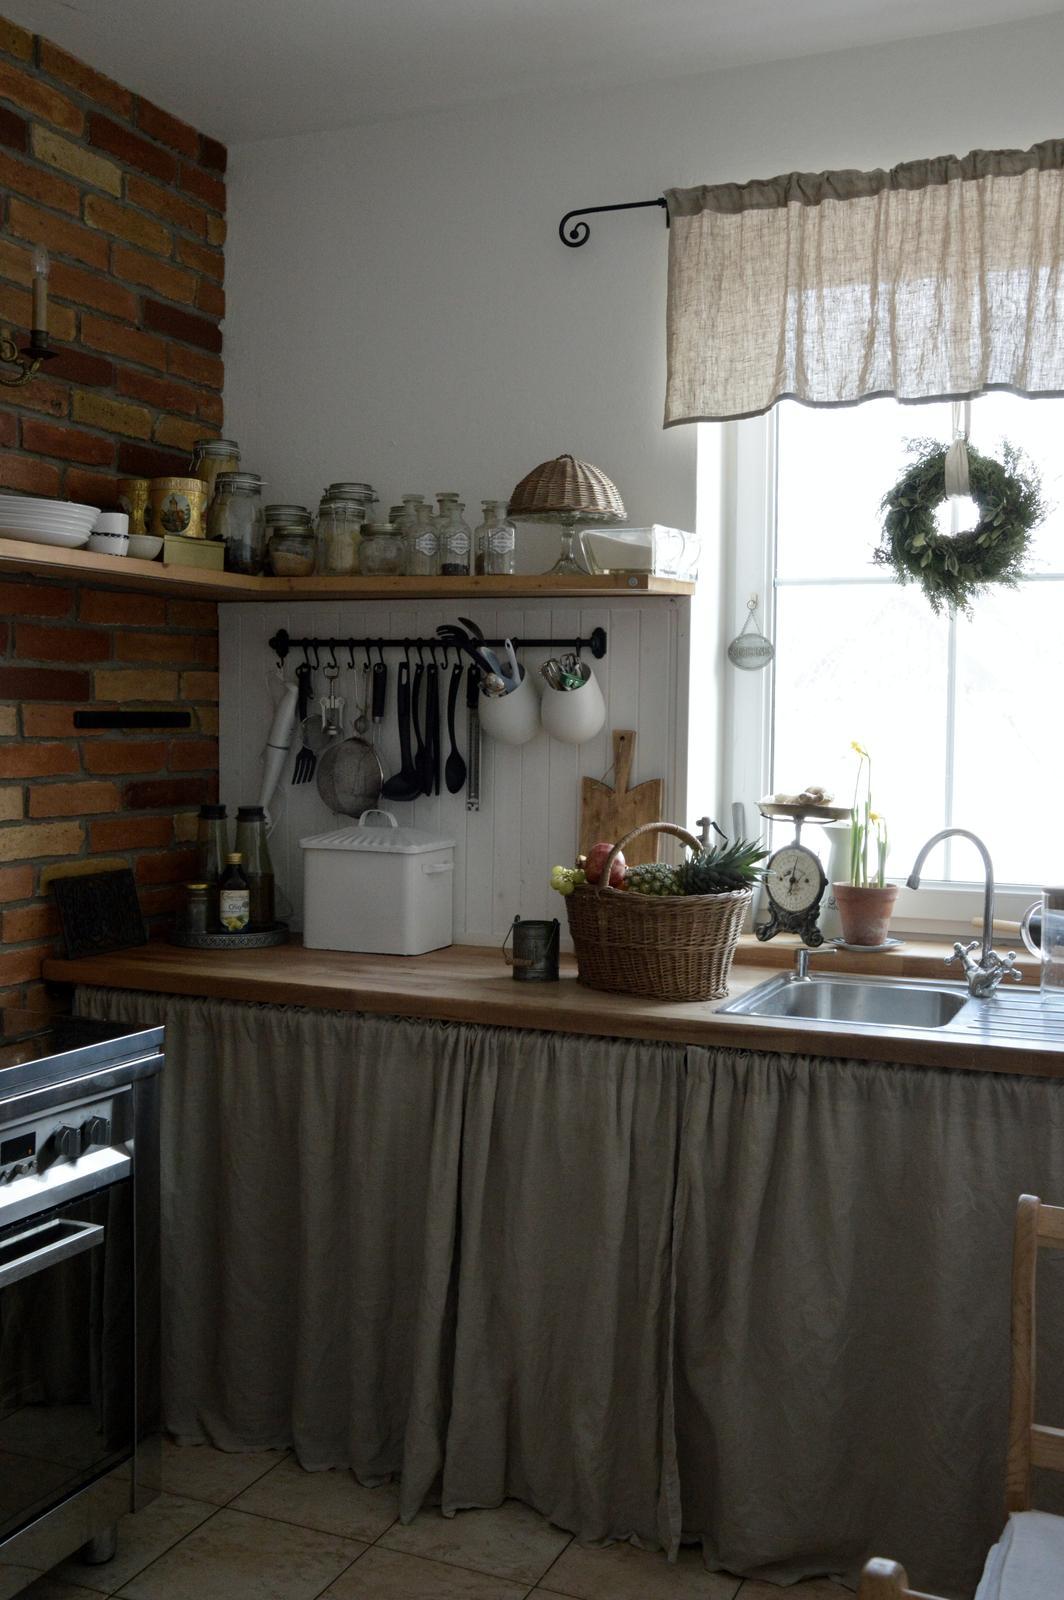 ..kuchyňa podľa mojich predstáv... - ...v kuchyni na okne mi ešte zostal vianočný venček, celkom sa mi tam páči, možno si nejaký celoročný vyrobím :-)